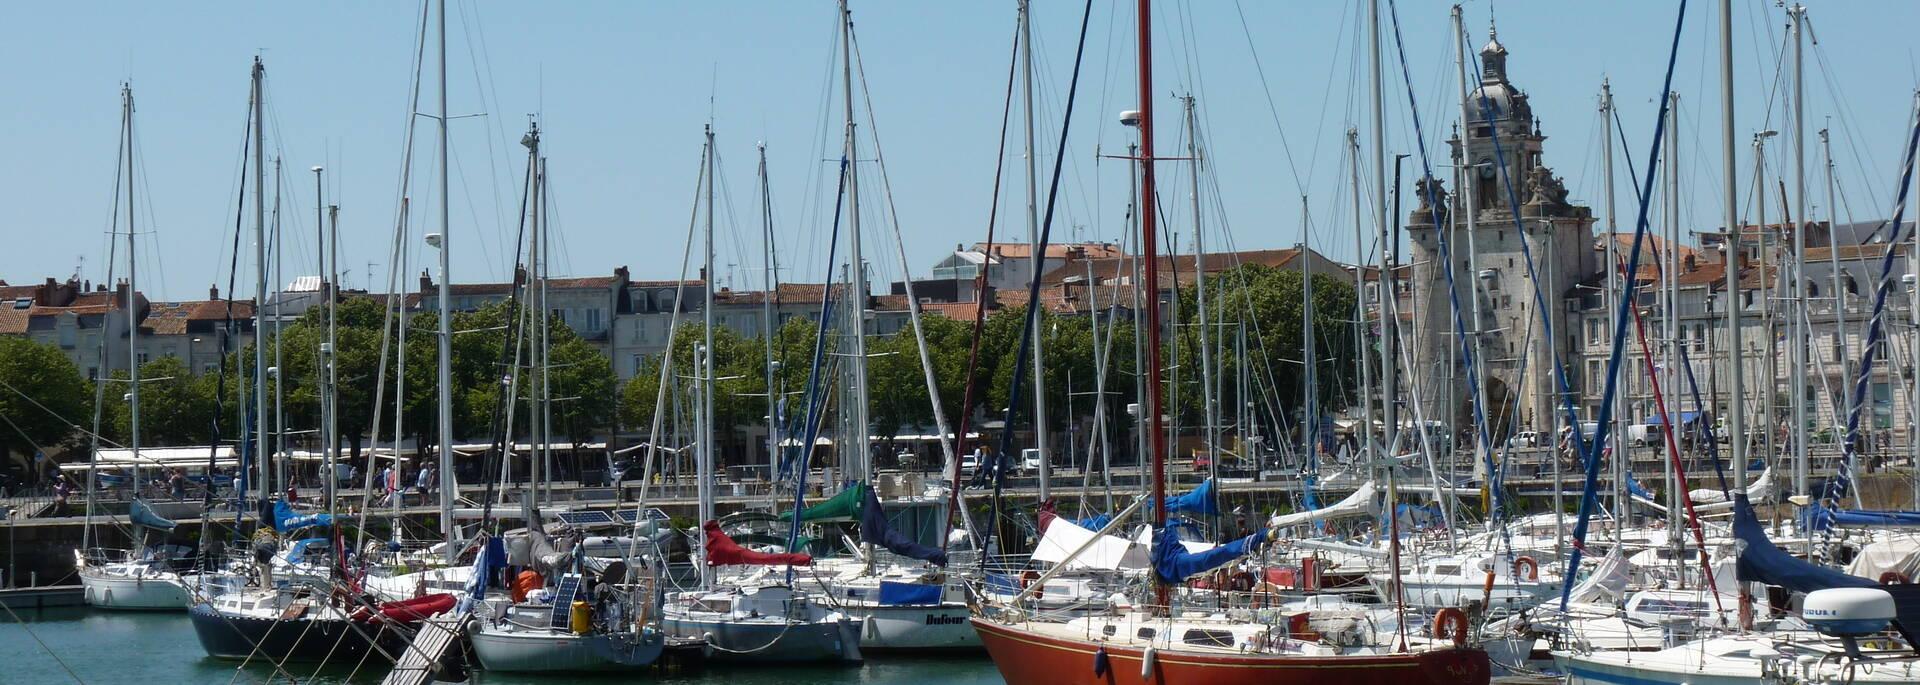 Segelboote im Alten Hafen - © FDHPA 17